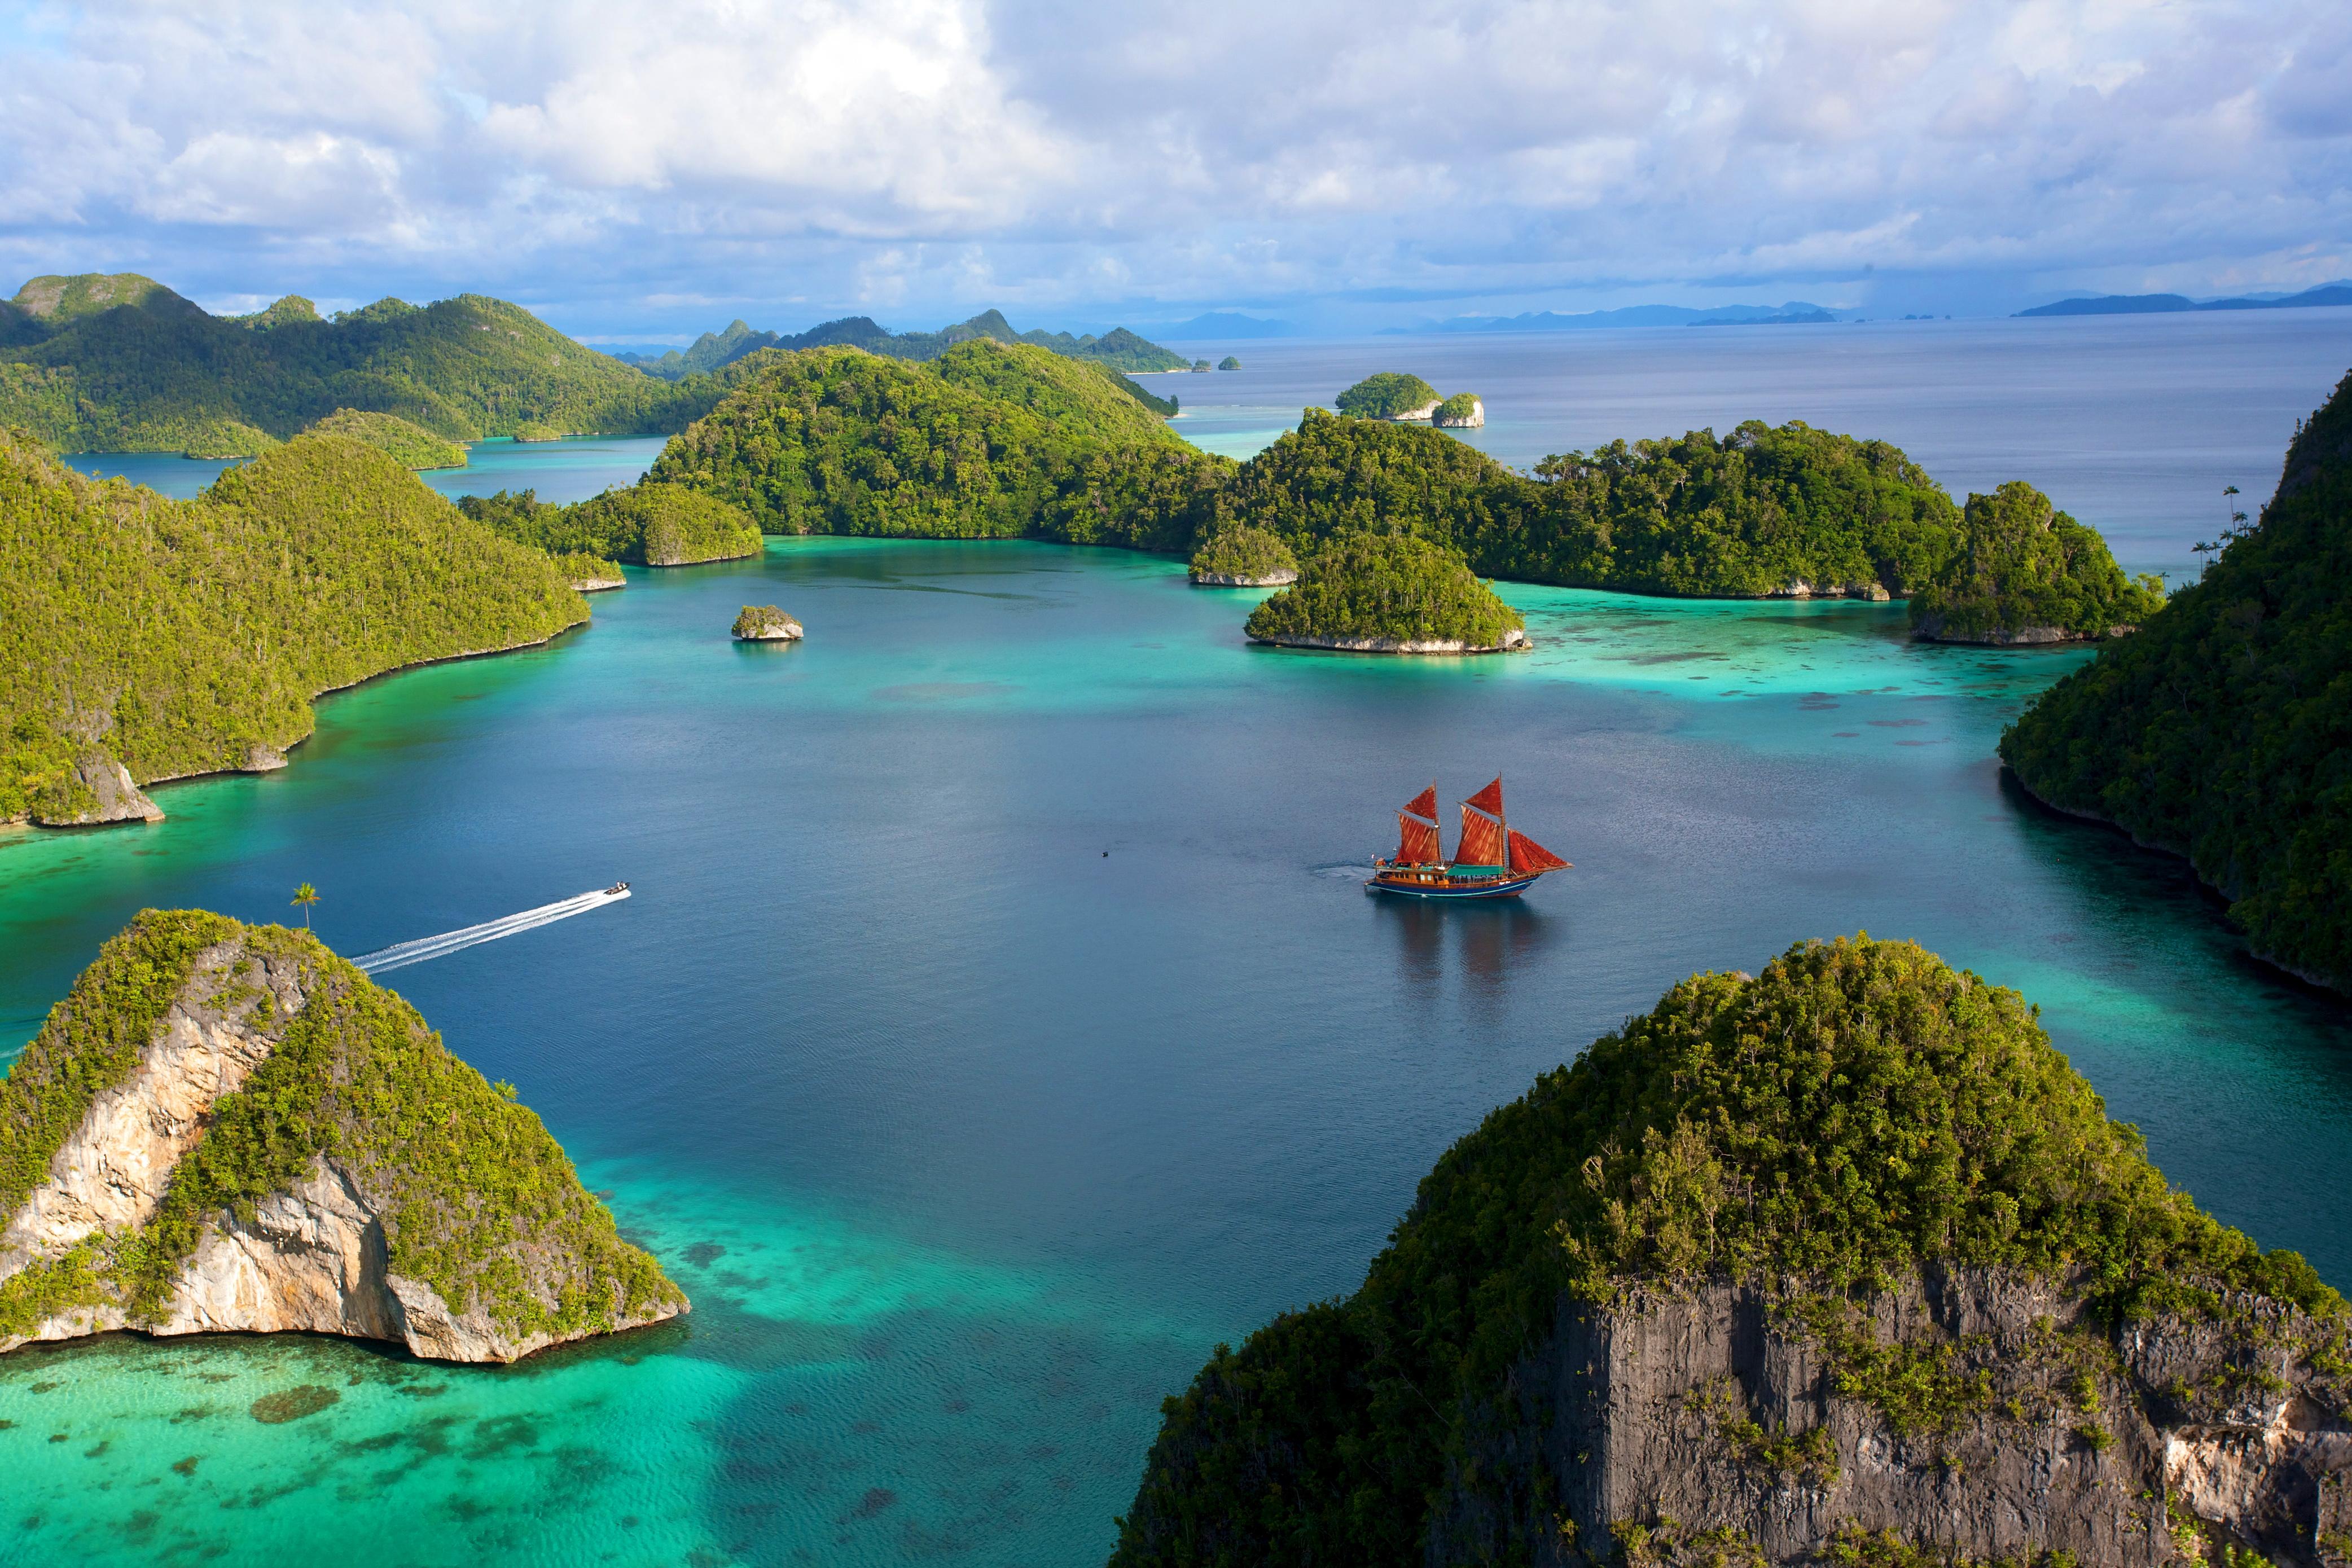 маленькие острова среди гор  № 253148 без смс